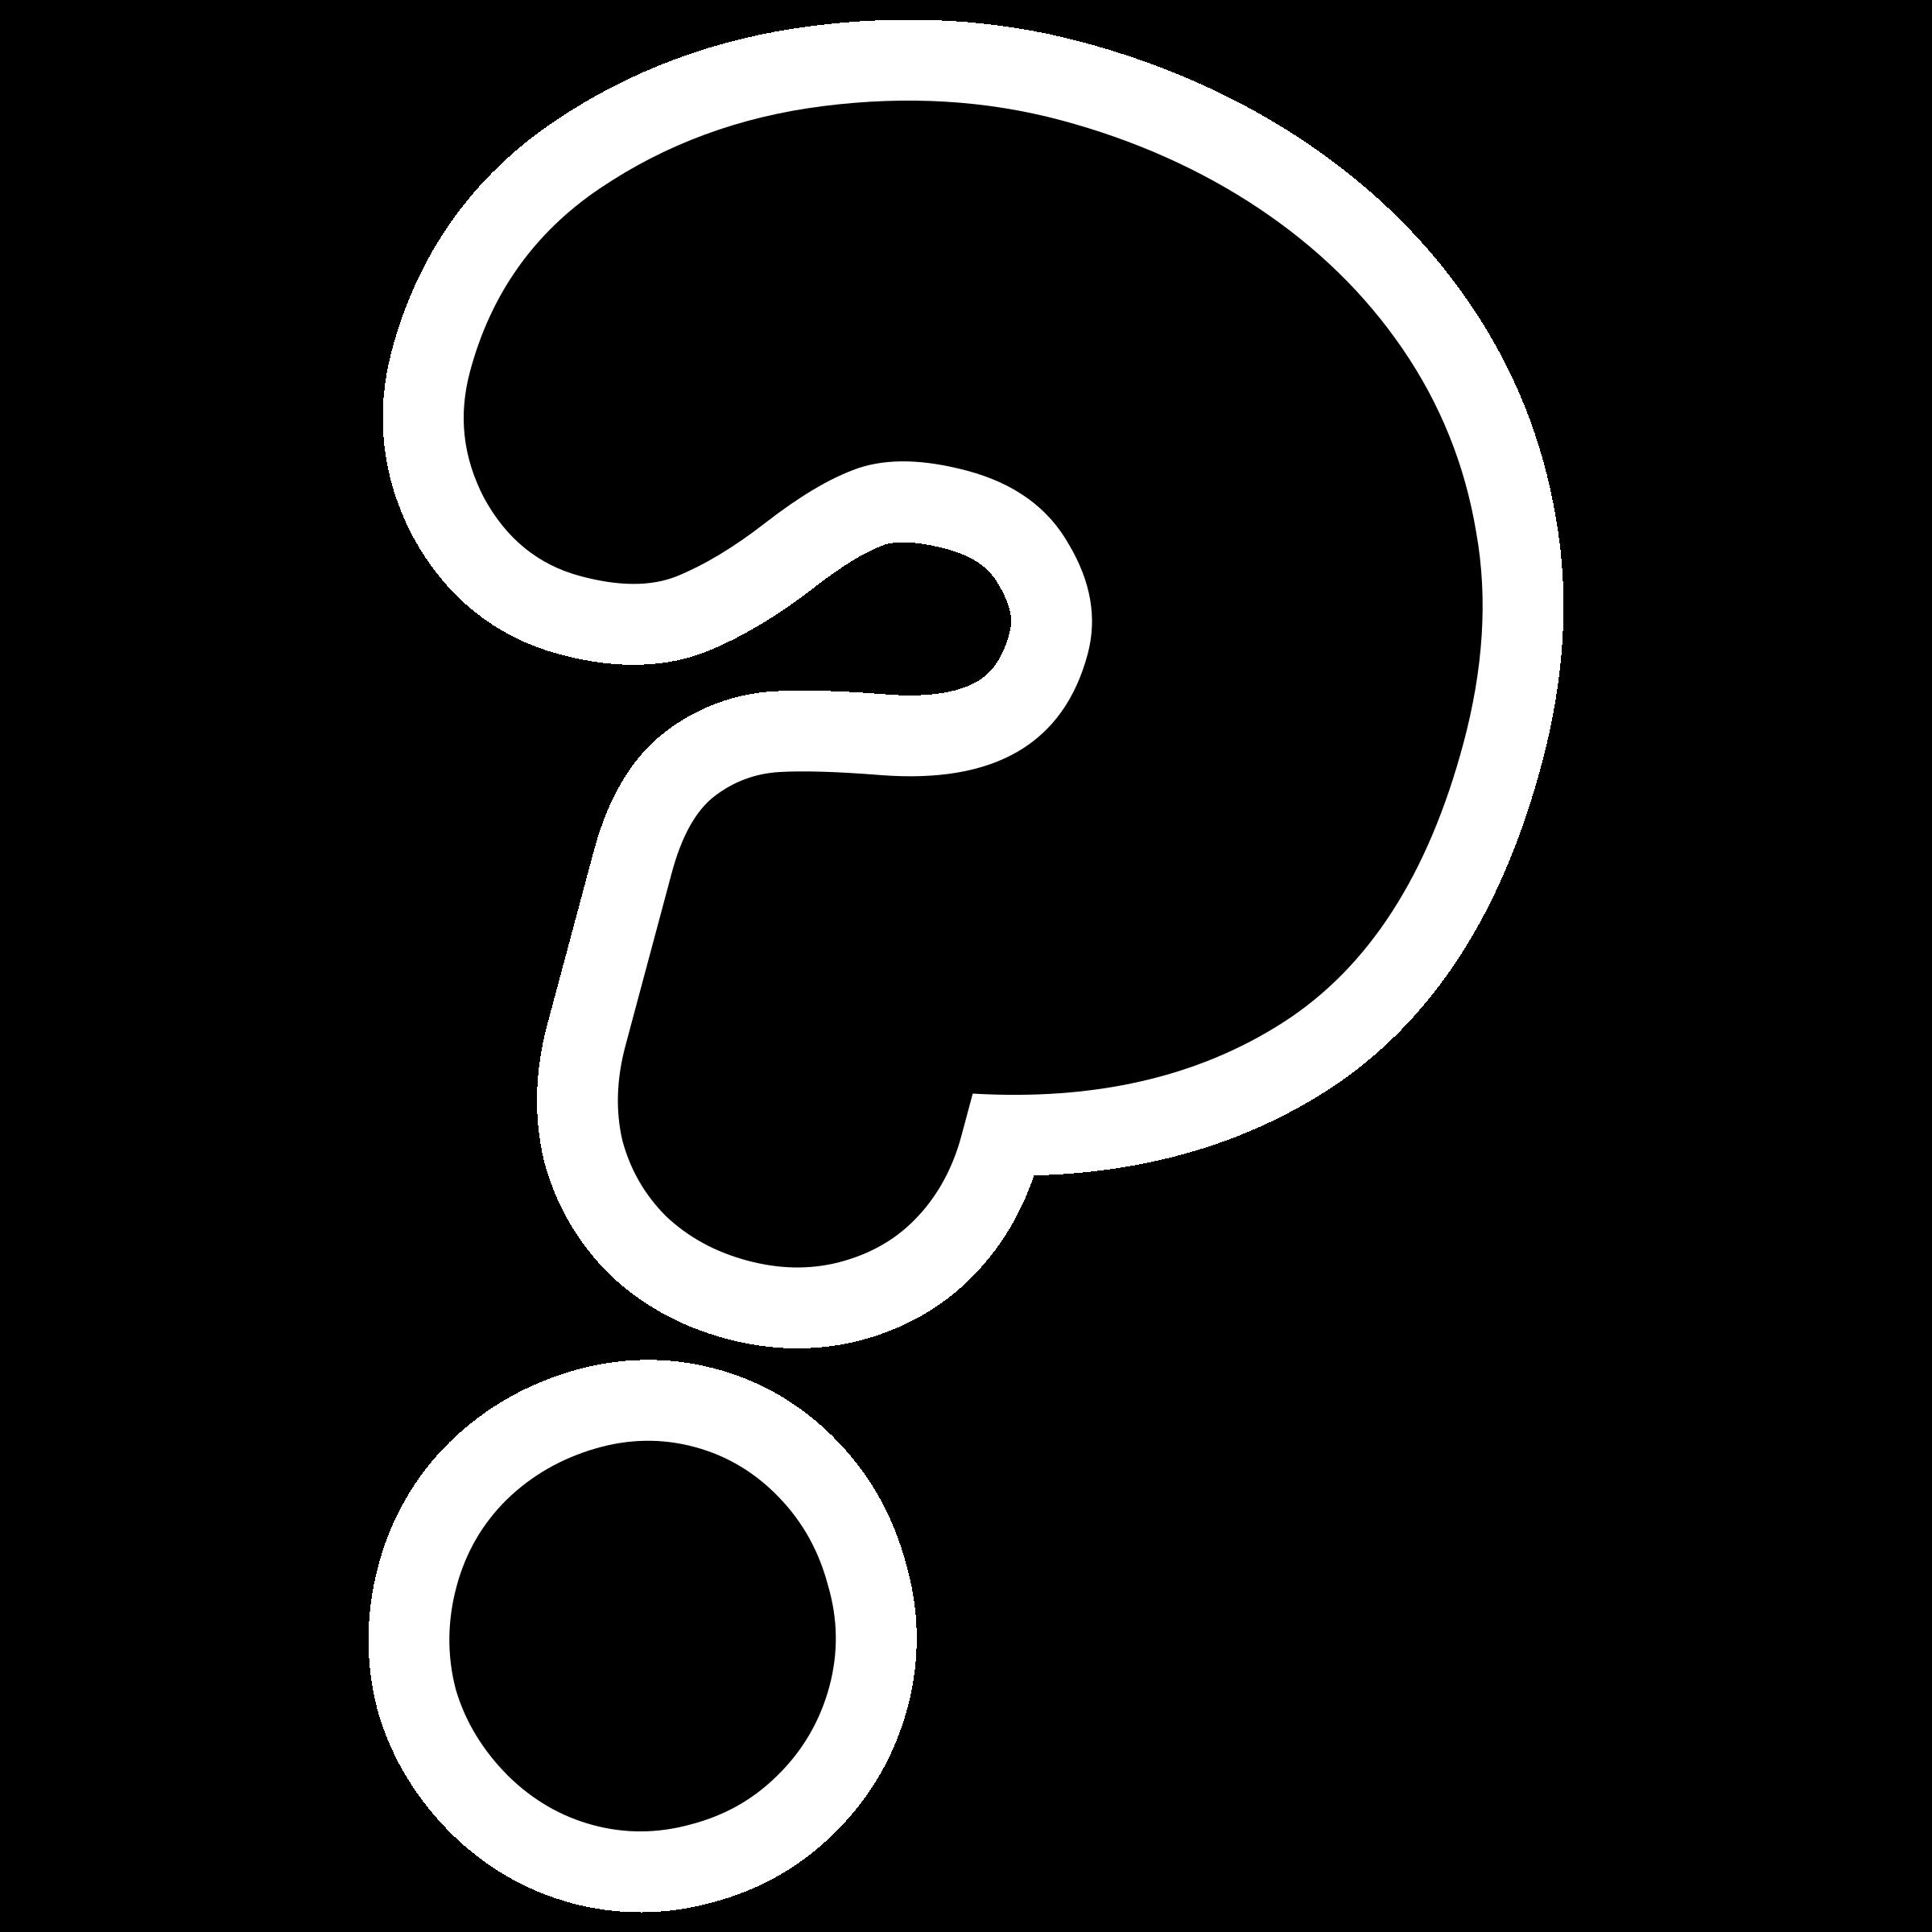 Black question mark clipart image transparent download Questions question mark clip art free clipart images 3 - WikiClipArt image transparent download